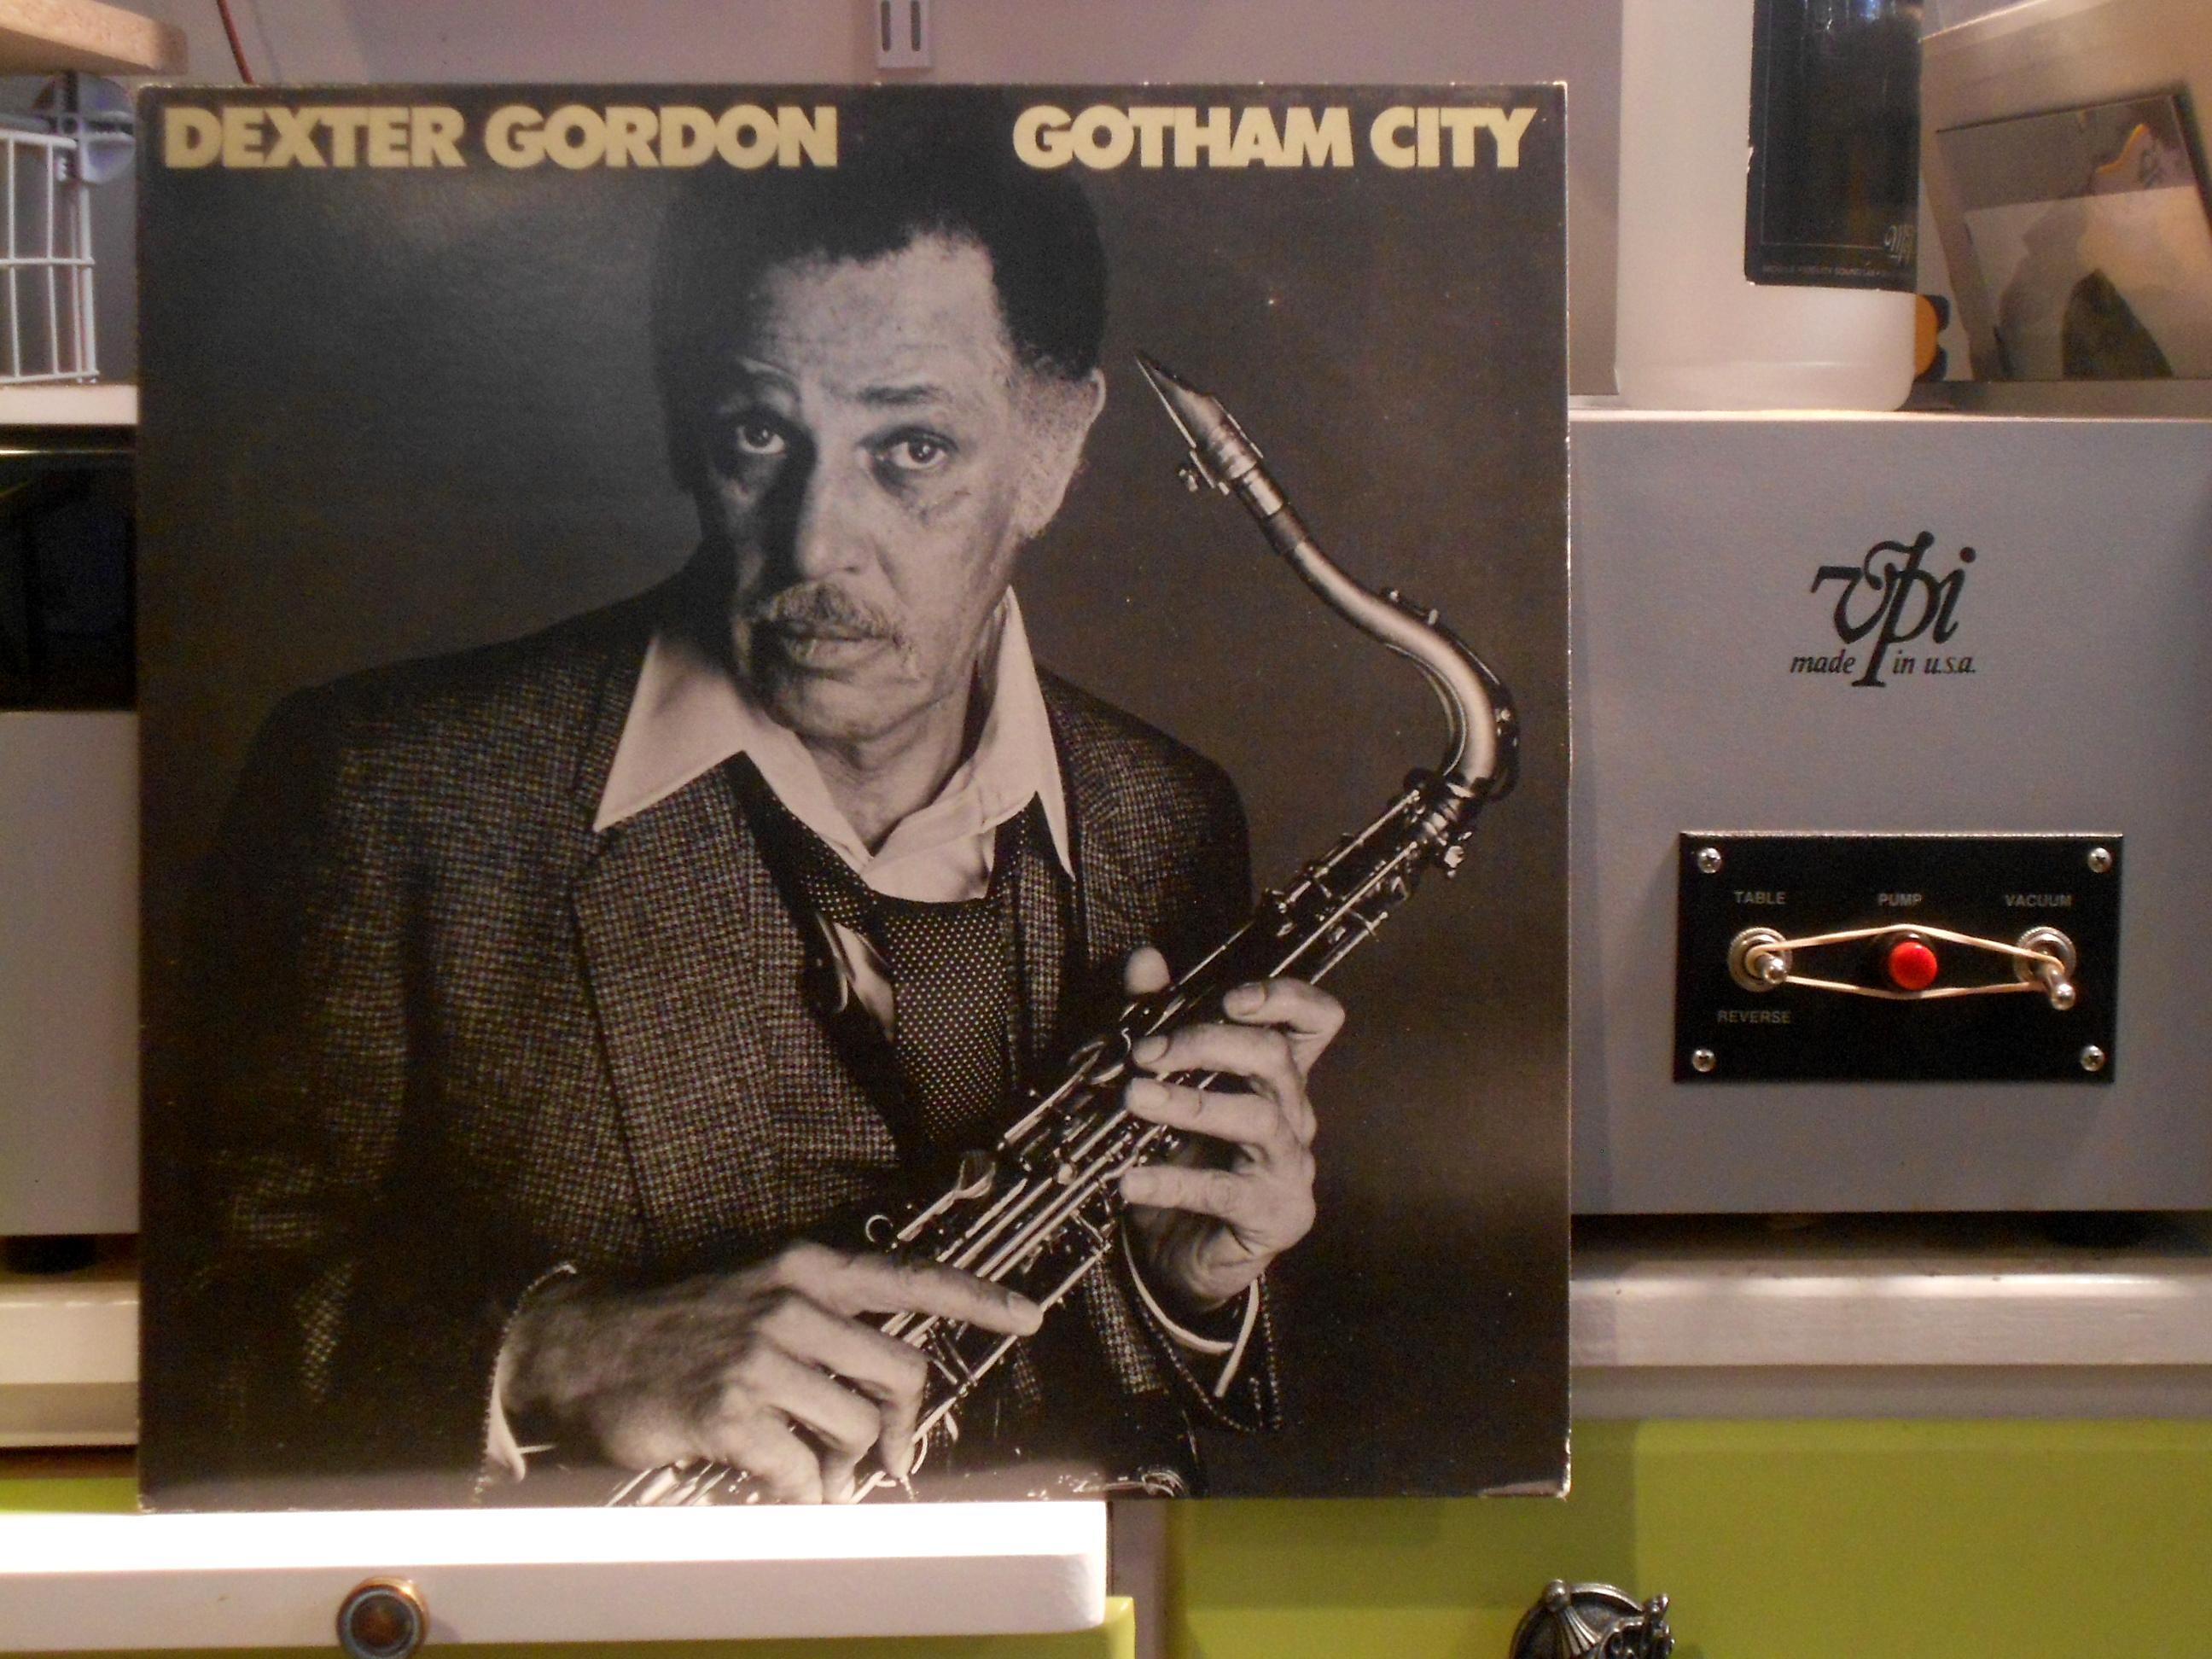 Dexter Gordon - Gotham City Lp